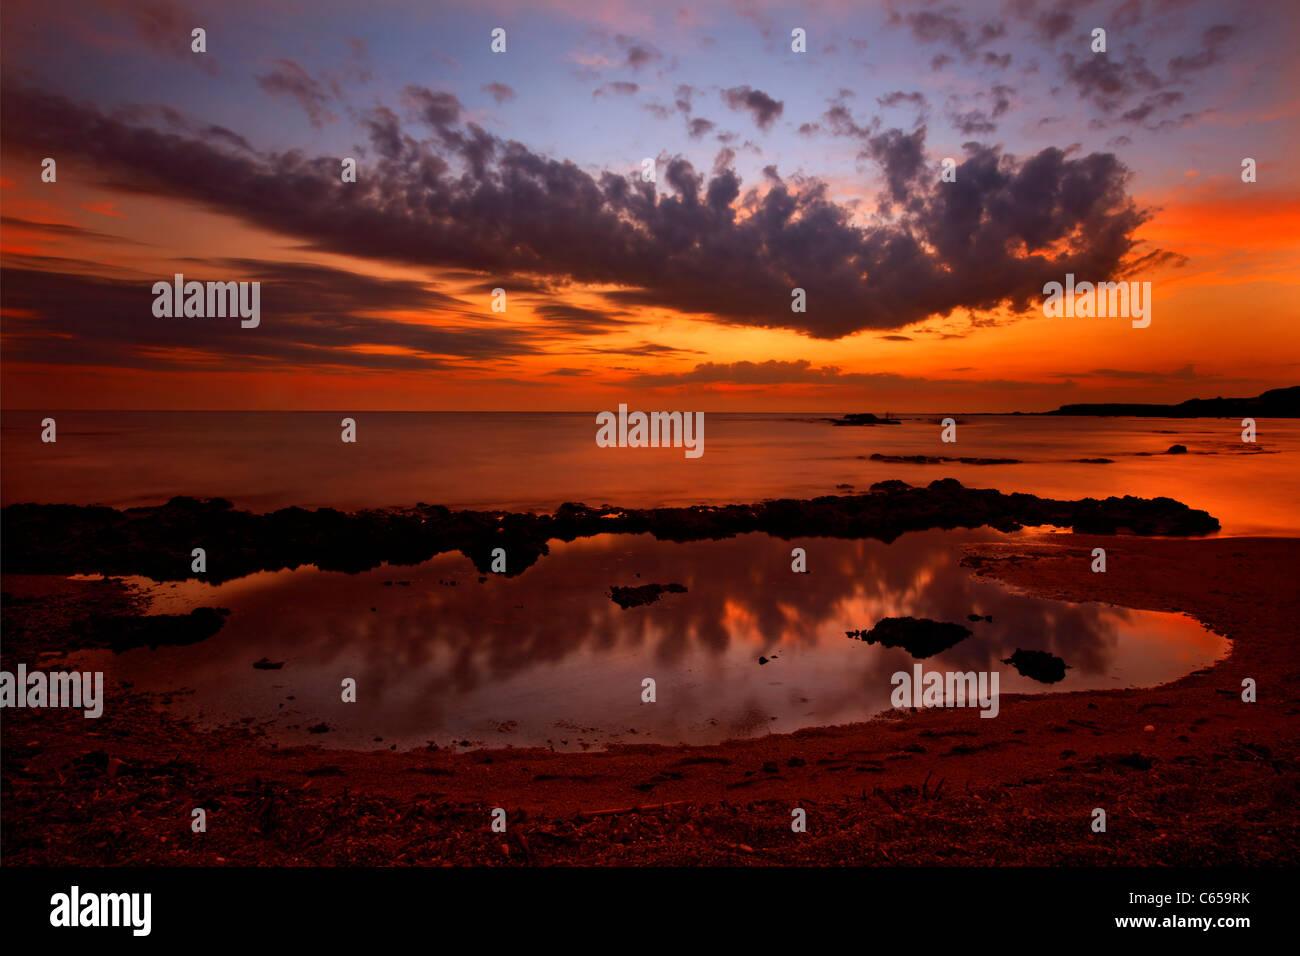 Sonnenuntergang am Ionischen Meer, am Strand in der Nähe von Pantokratoras Burg, Preveza, Epirus, Griechenland Stockbild